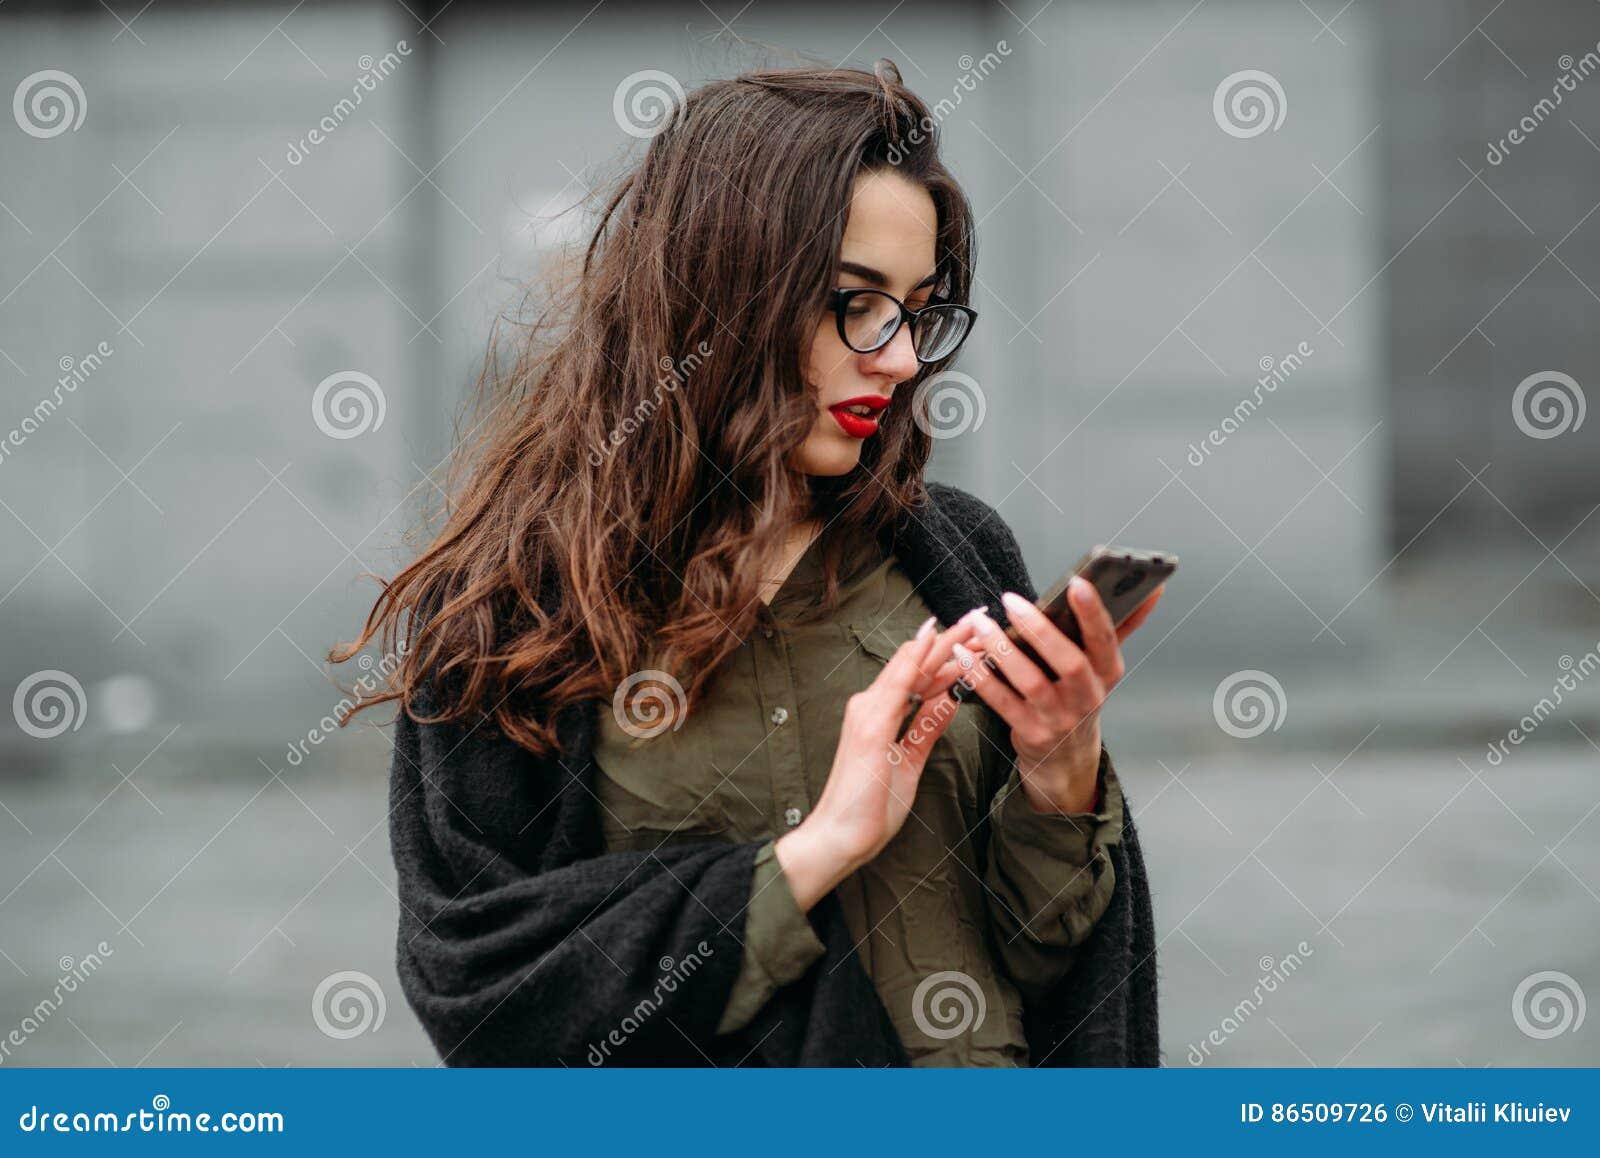 Έννοια μόδας: όμορφο νέο κορίτσι με μακρυμάλλη, τα γυαλιά, κόκκινα χείλια που στέκεται κοντά στο σύγχρονο τοίχο που φορά στο πράσ